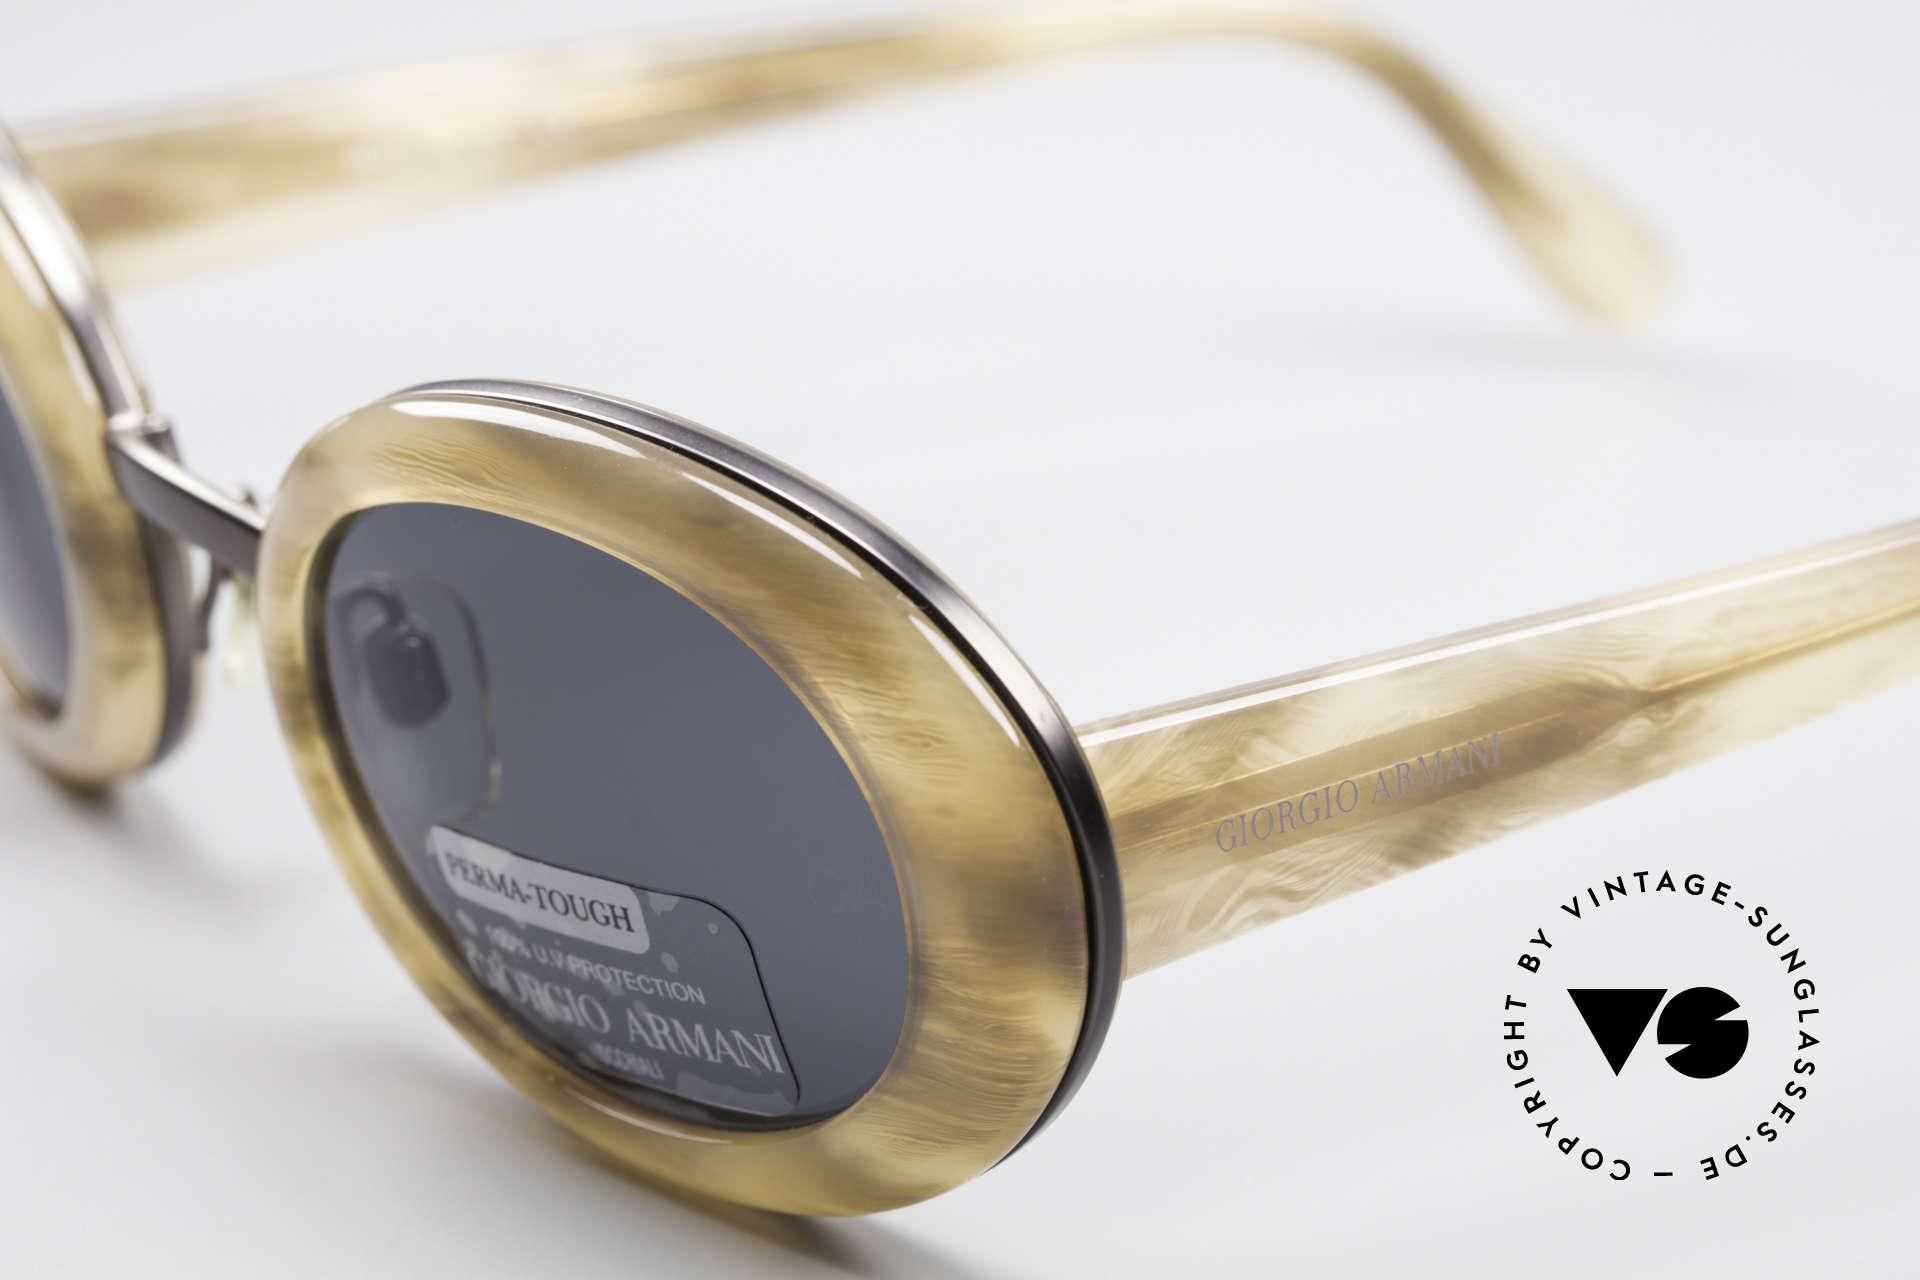 Giorgio Armani 945 Designer Sonnenbrille Damen, ungetragen (wie all unsere 1990er Jahre Designerstücke), Passend für Damen